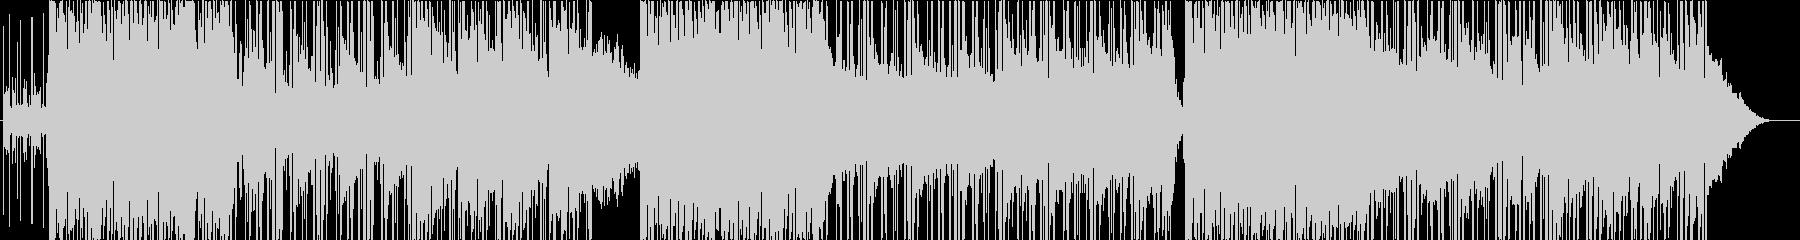 エンディング映像向きエレクトロニカの未再生の波形